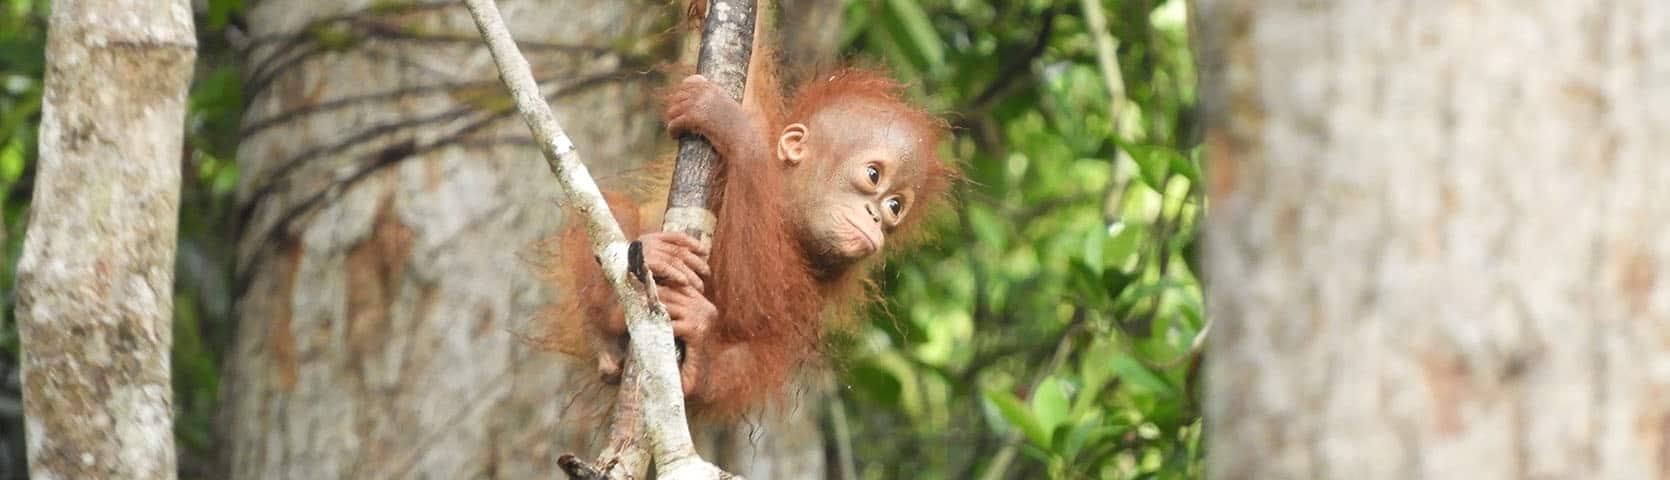 Gary Shapiro Orangutans